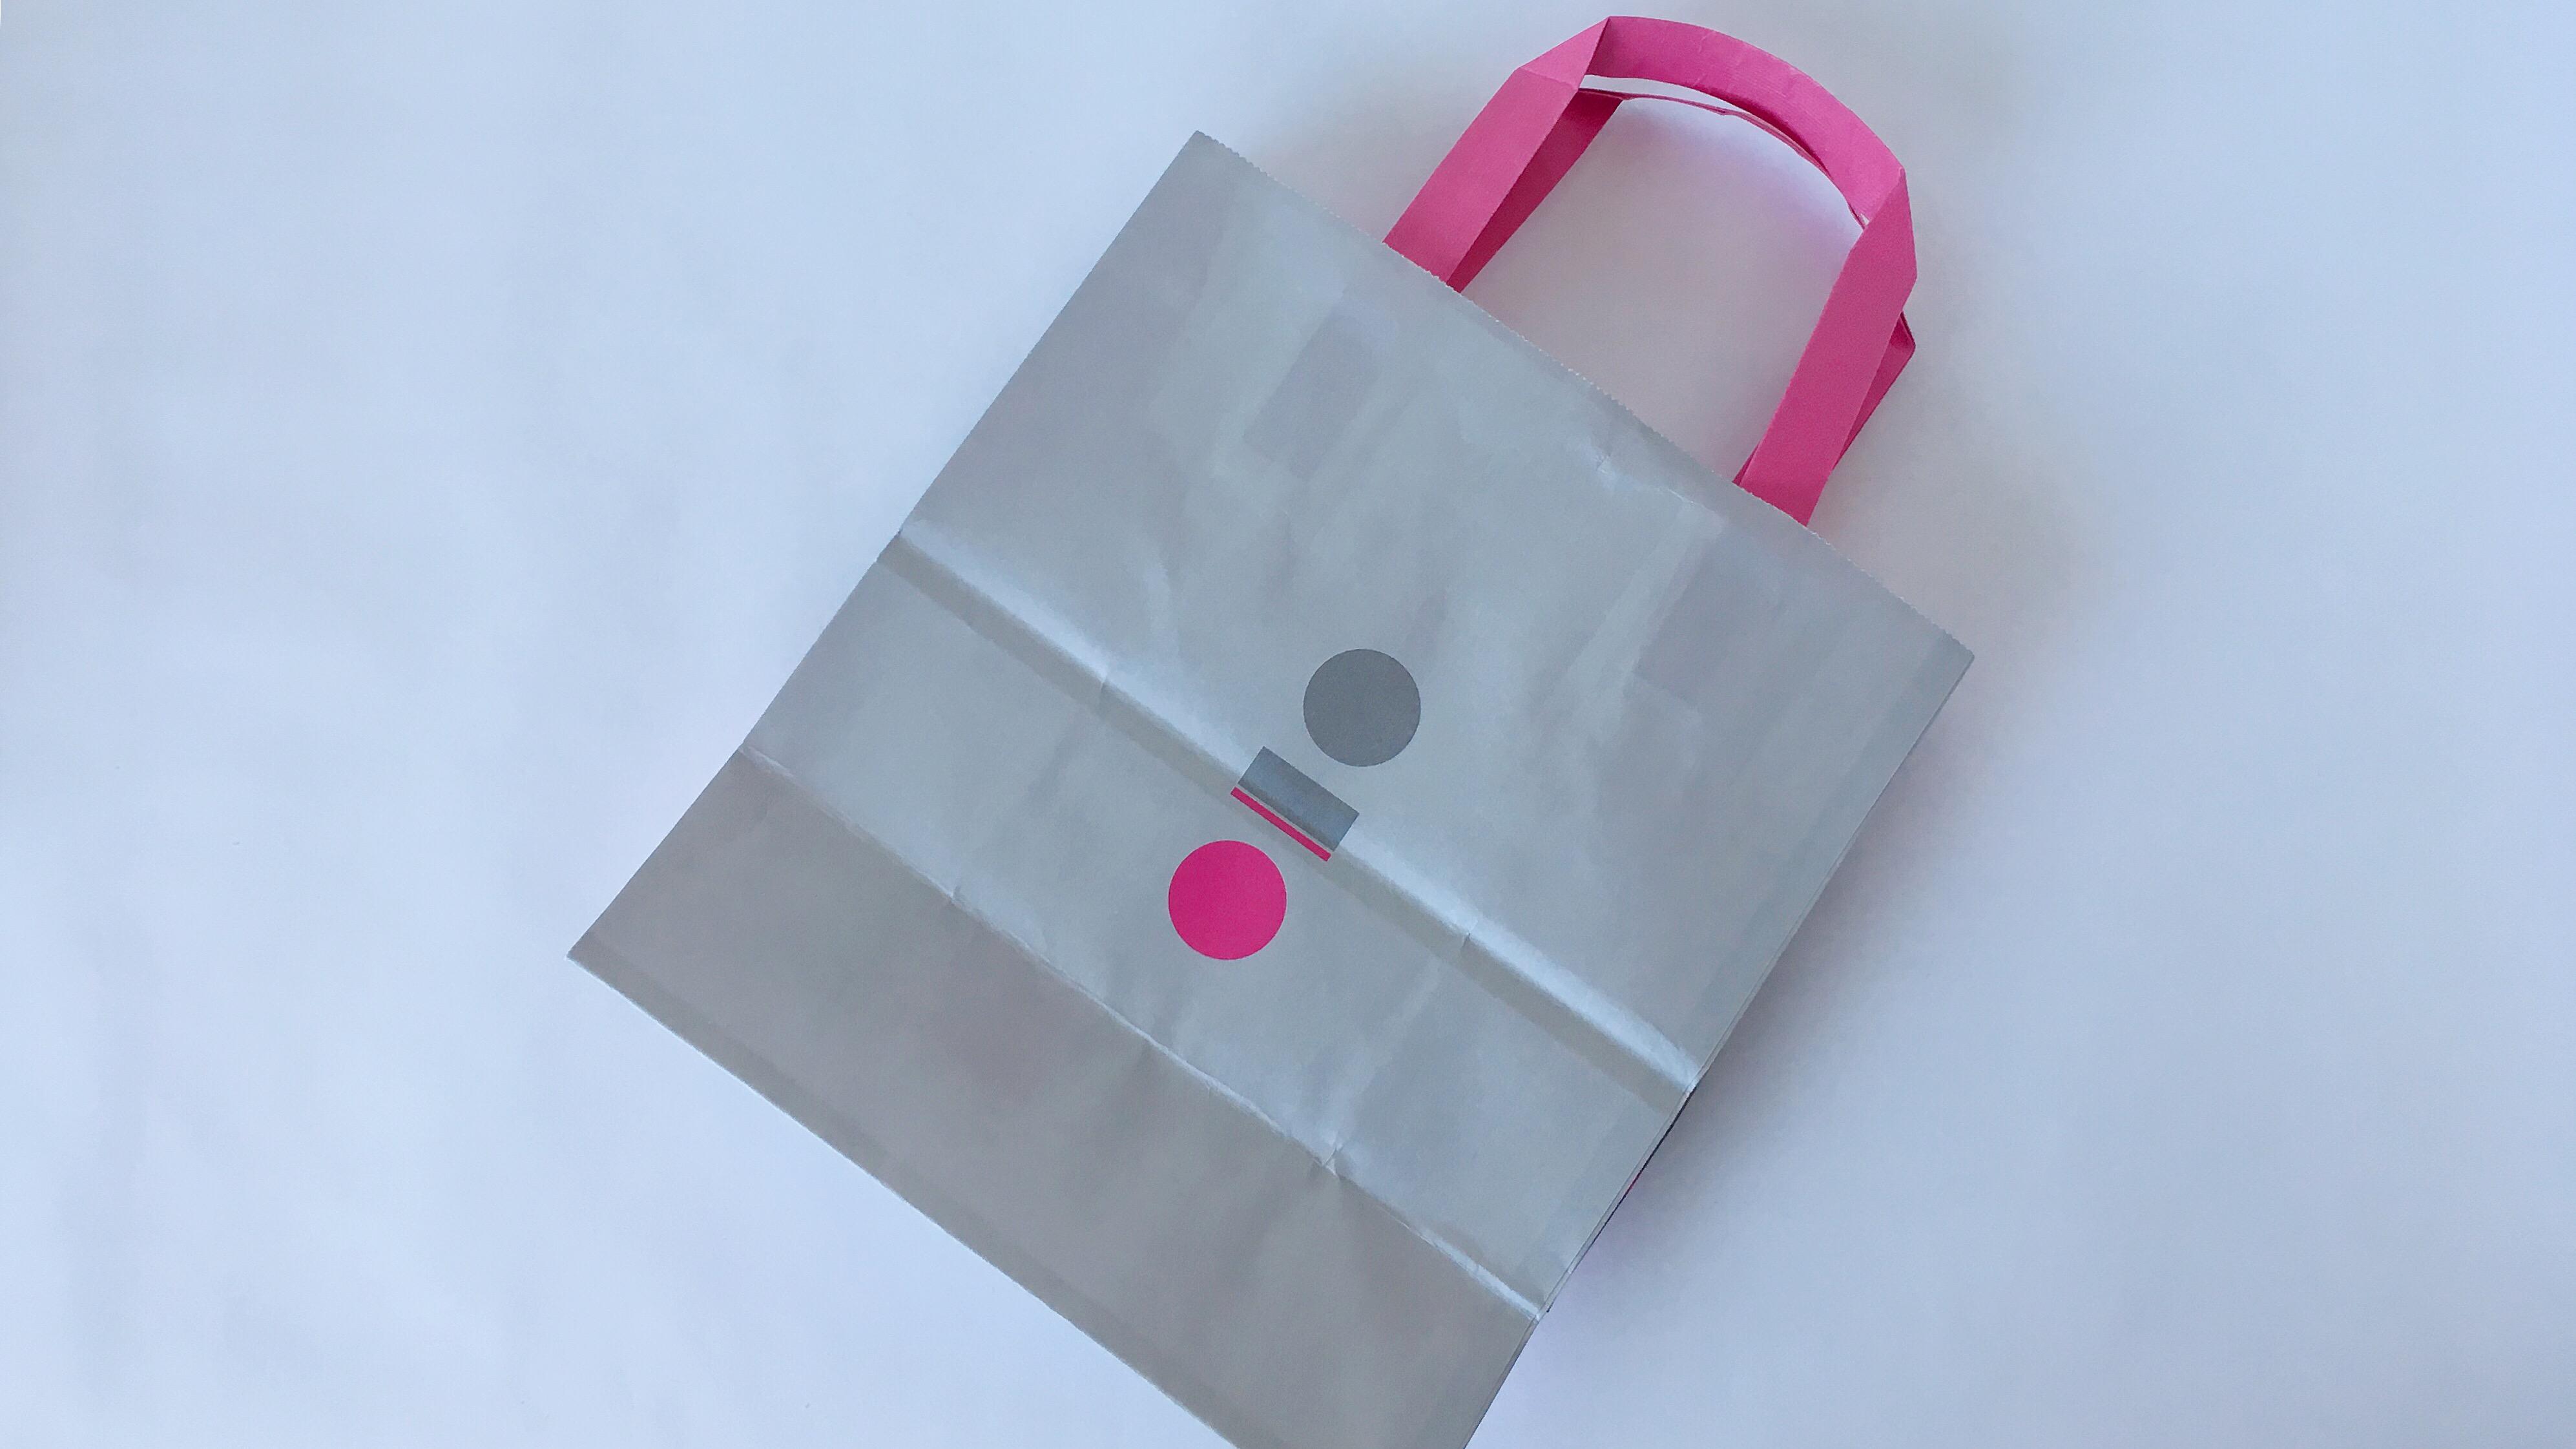 エキア池袋にオープンしたザクザクとろけるショコラ専門店パックザックのピンクとグレーのショッパー